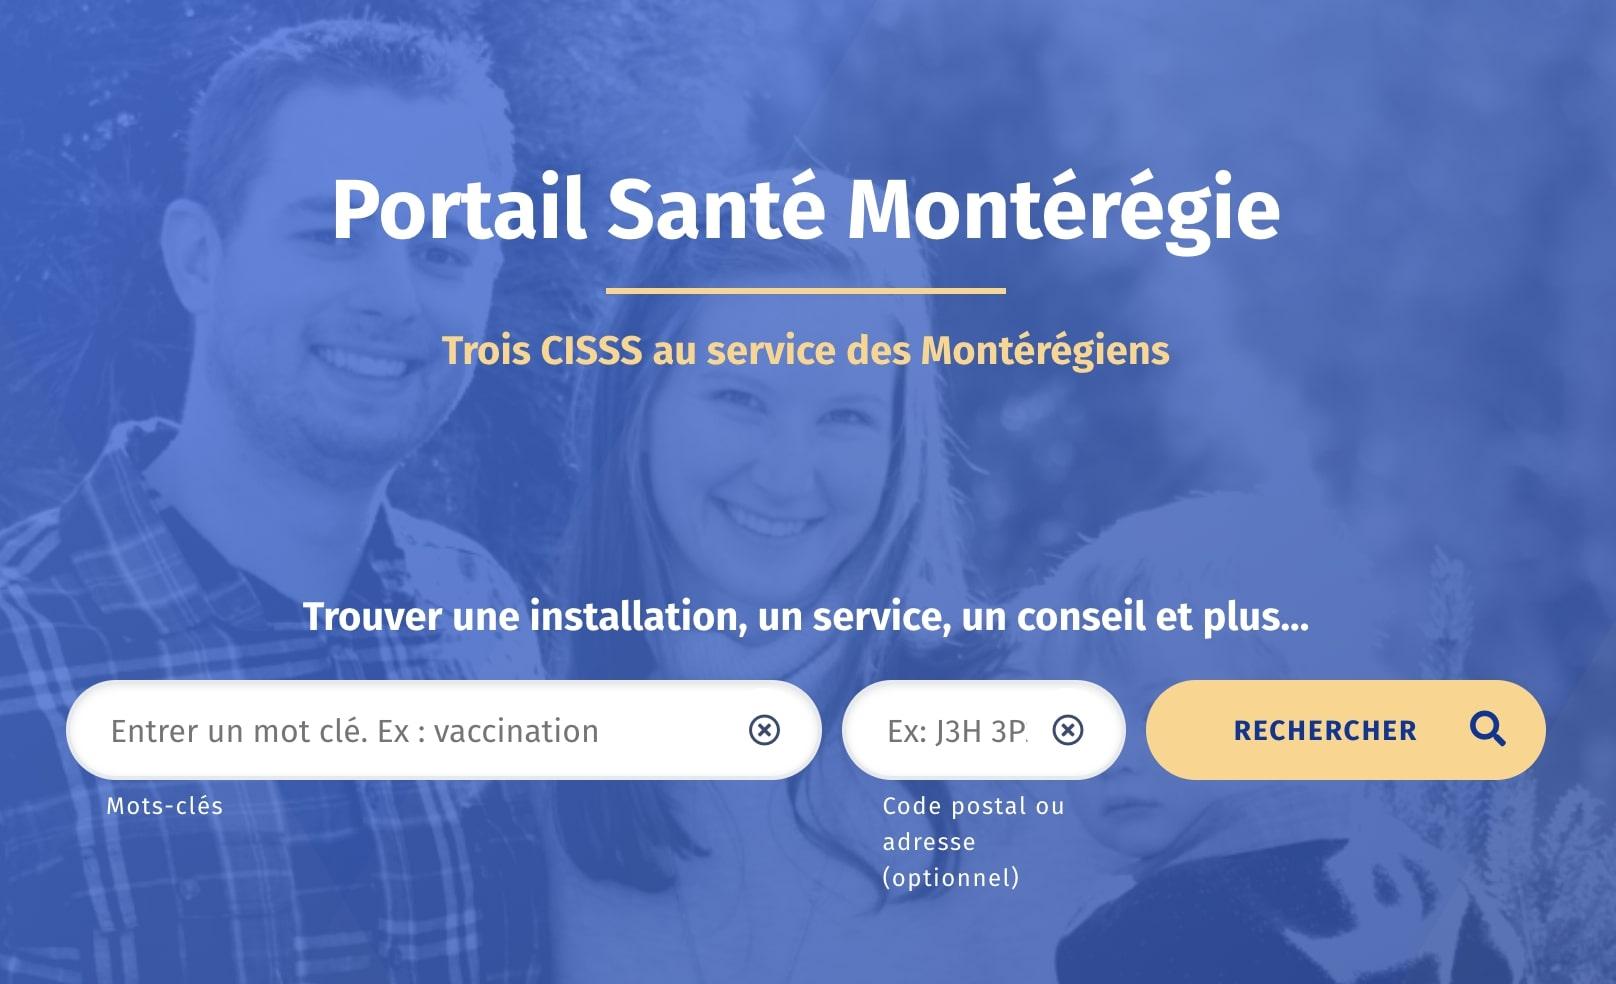 accueil-portail-sante-monteregie-cisssmo-2019-photo-INFOSuroit